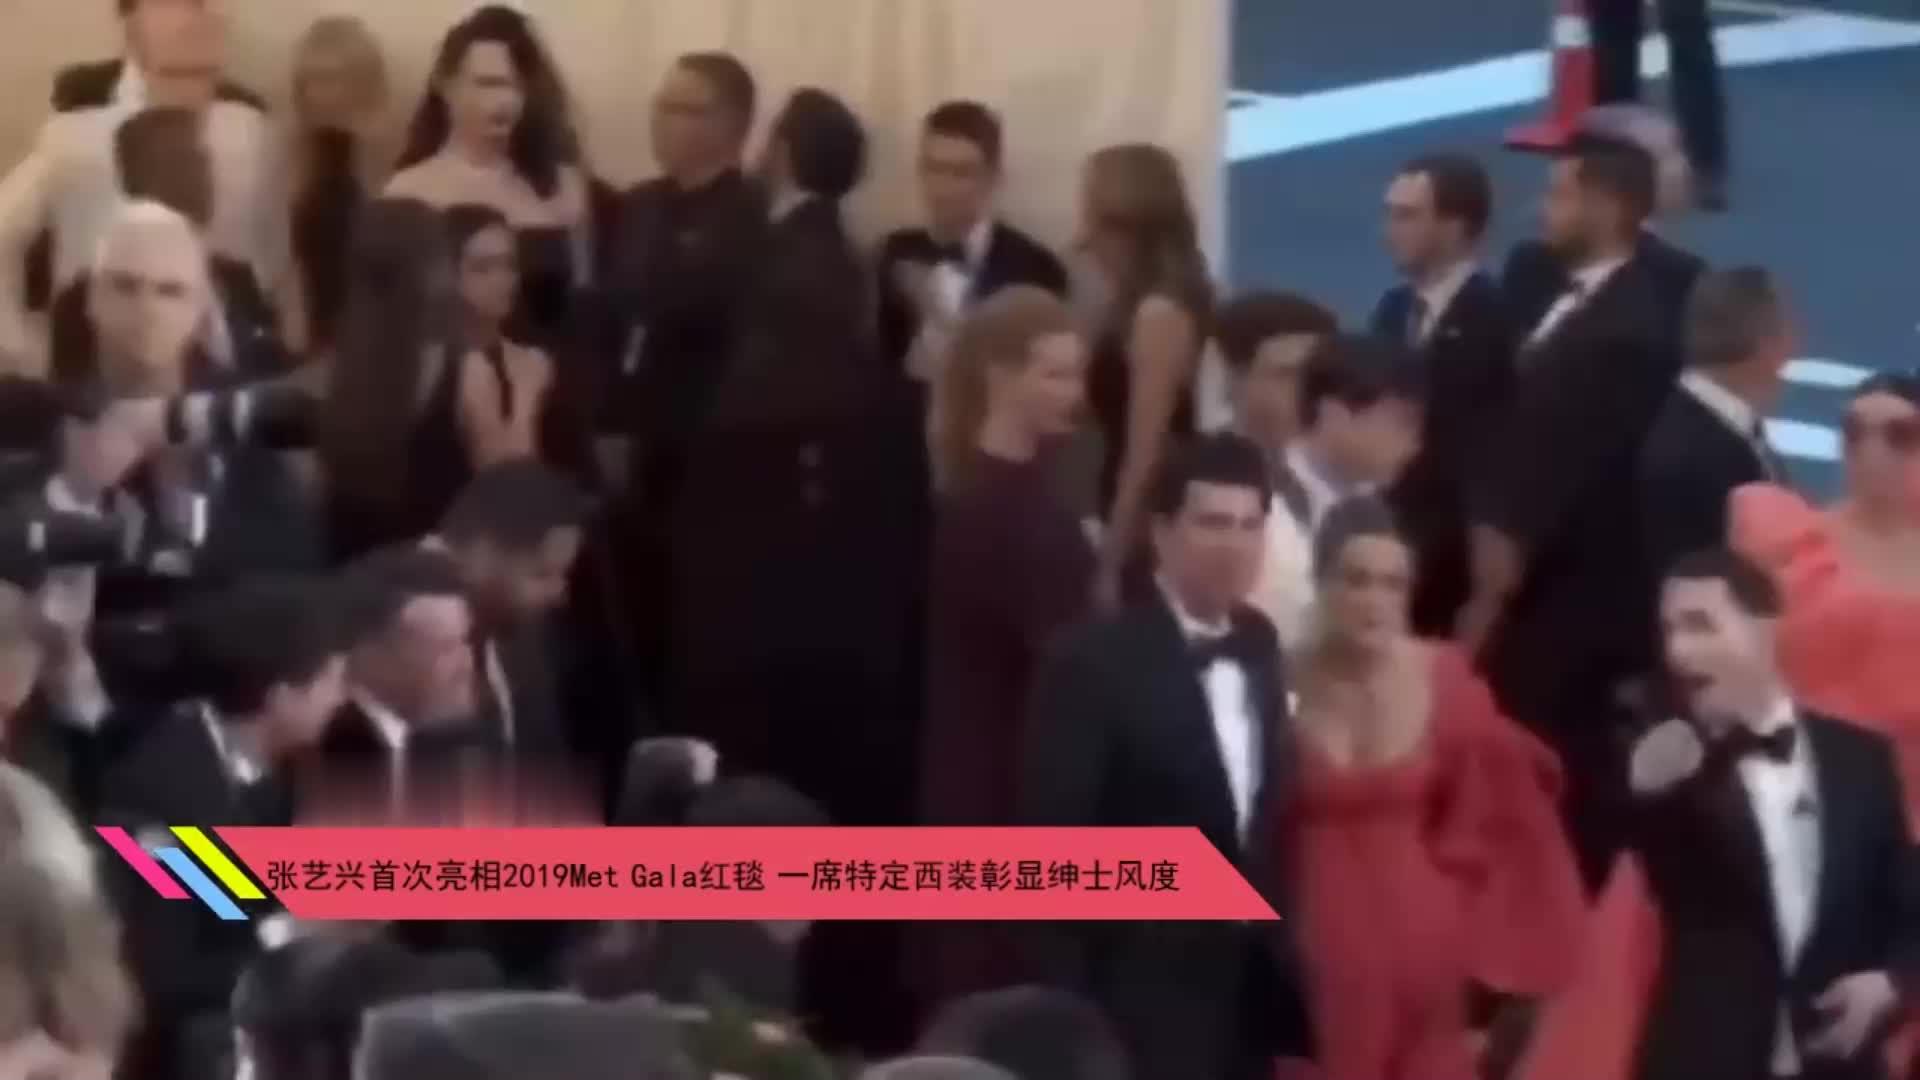 张艺兴首次亮相2019MetGala红毯一席特定西装彰显绅士风度